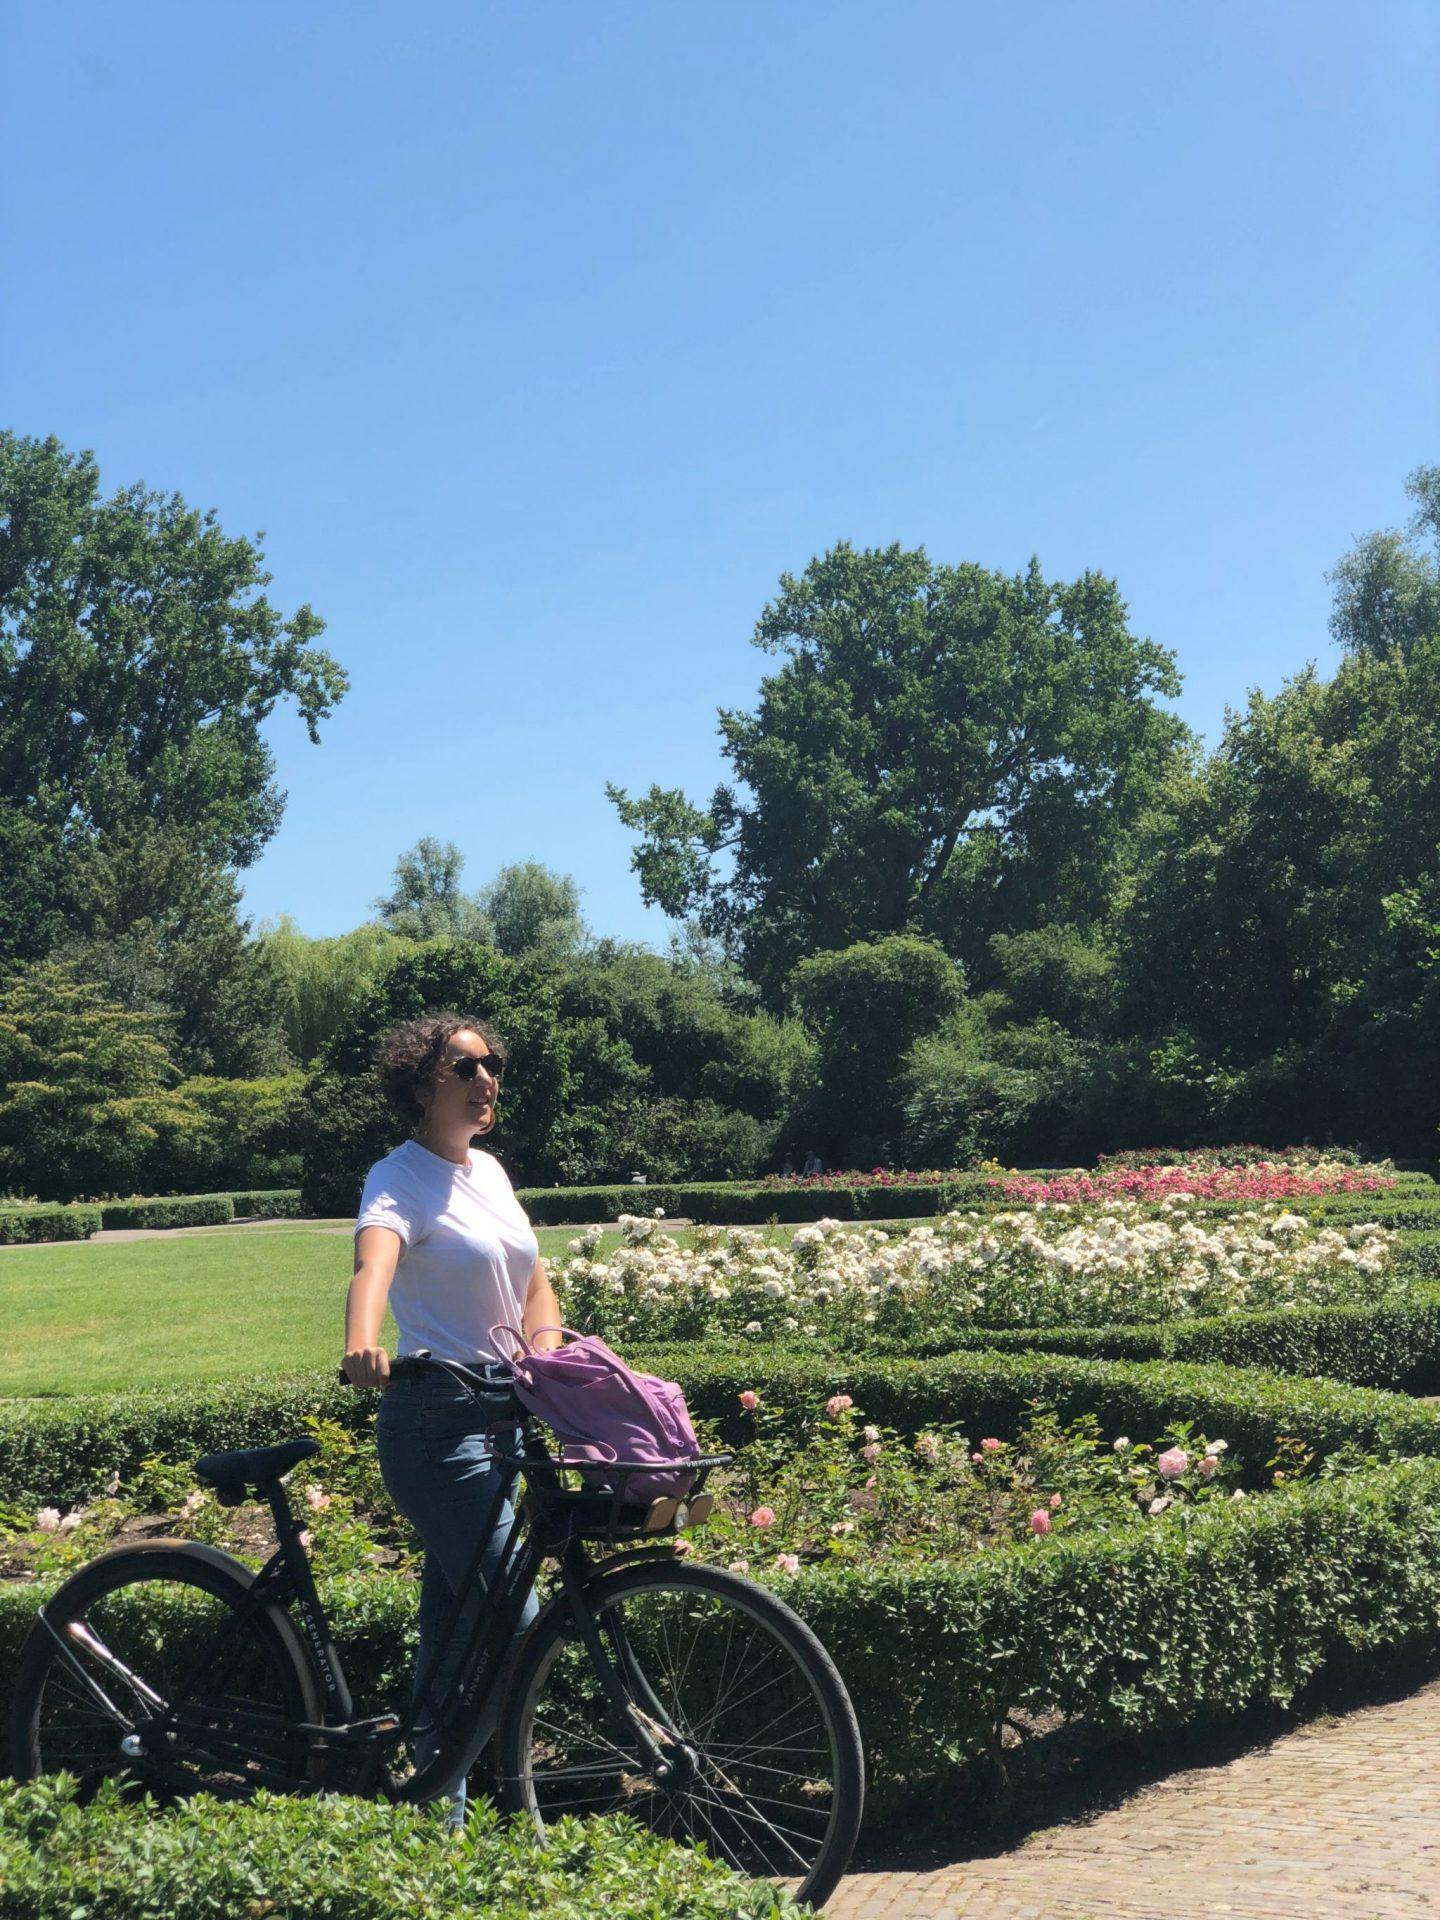 hiring bikes in vondelpark amsterdam